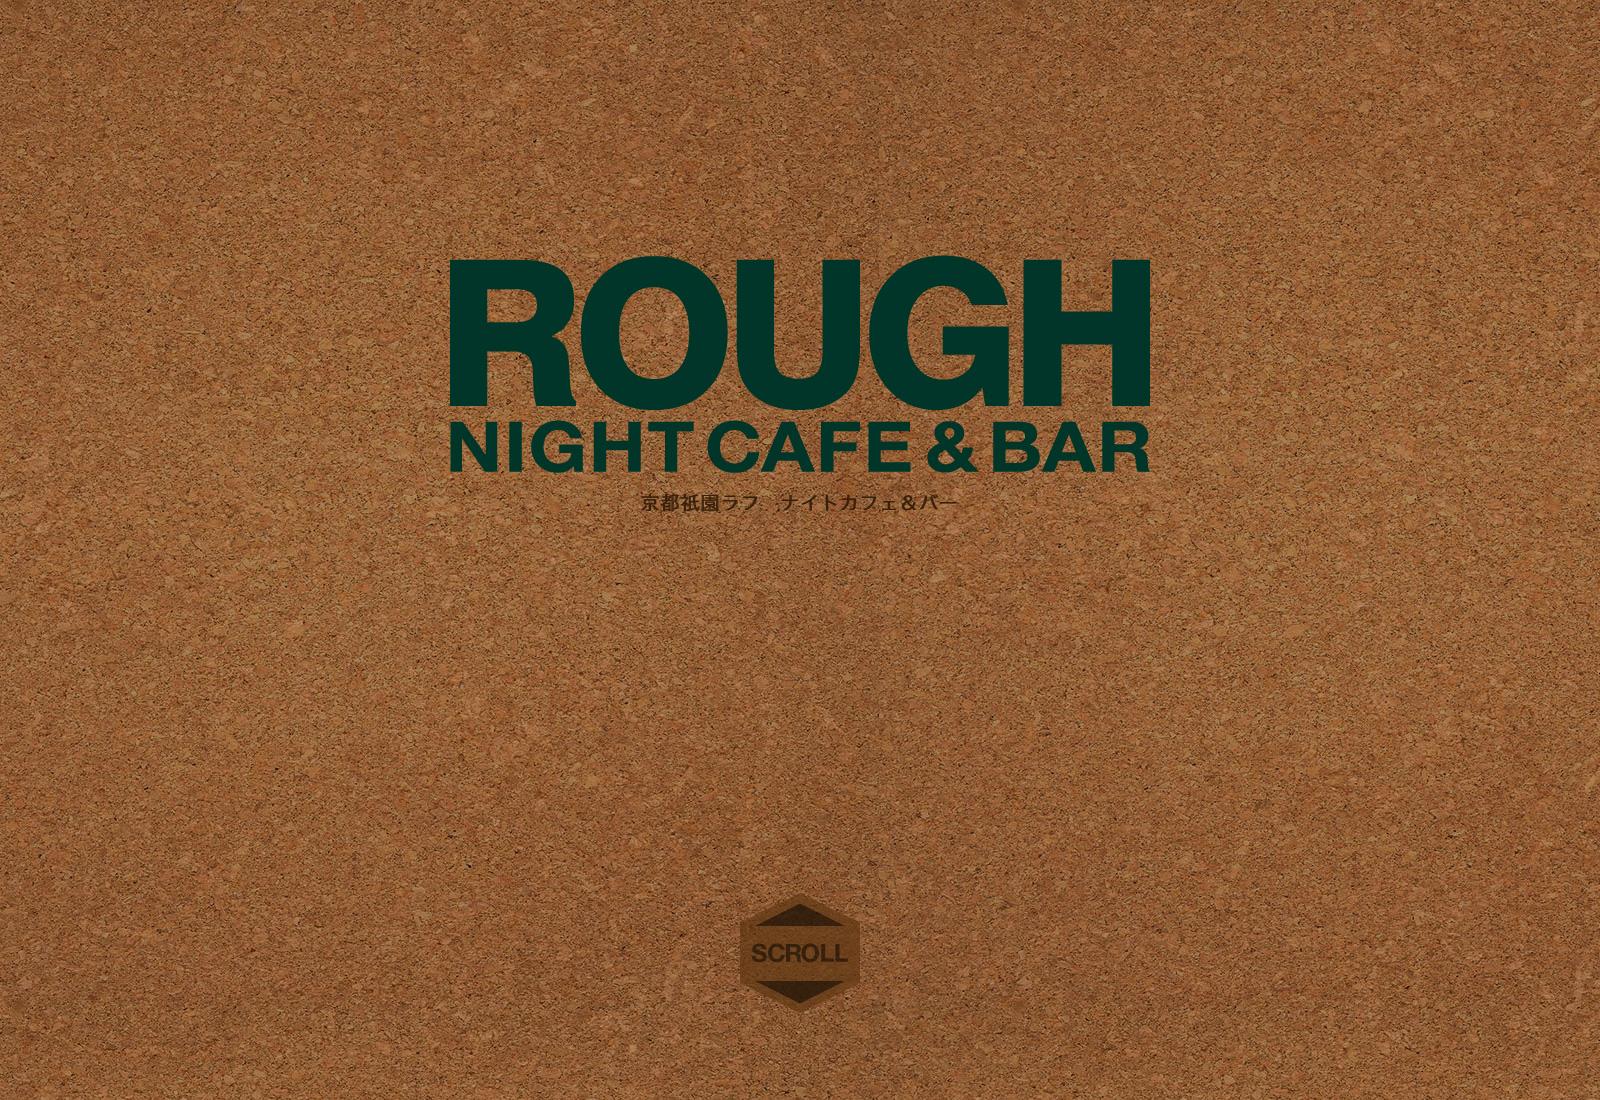 京都祇園 ラフ ナイトカフェ&バー ROUGH NIGHT CAFF & BAR ホームページ